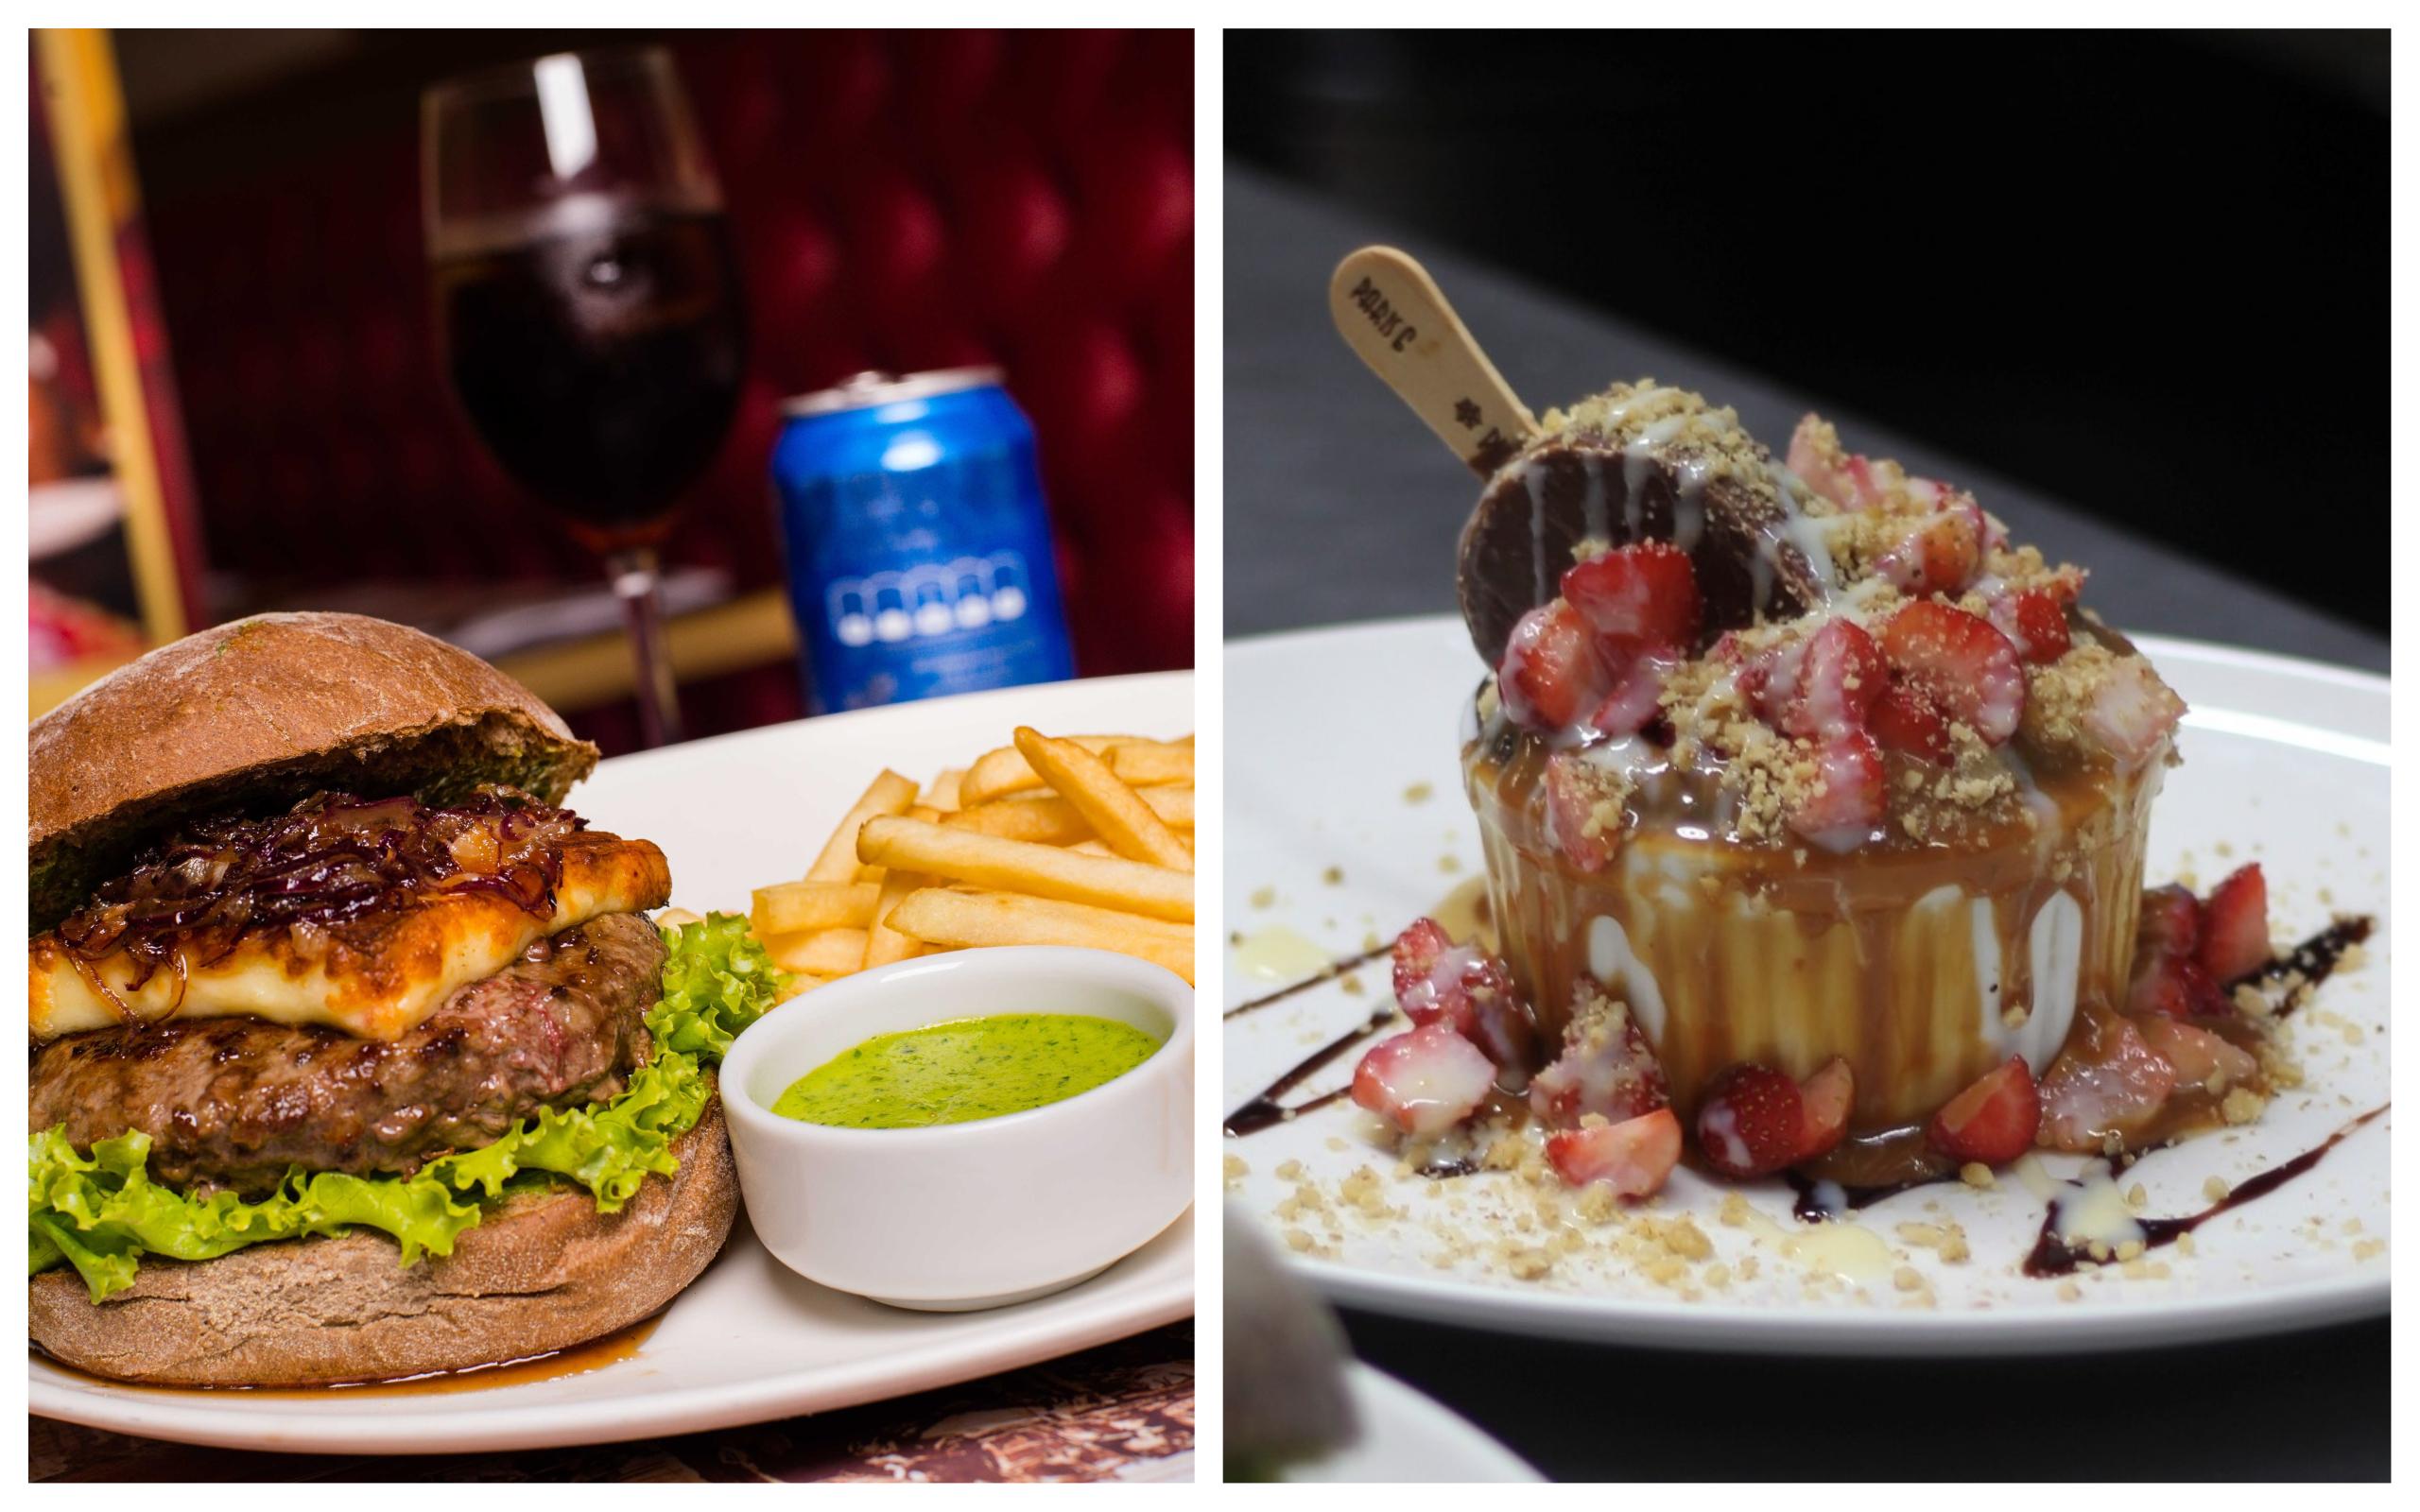 Paris 6 traz 'Semana do Hambúrguer' com sobremesa grátis